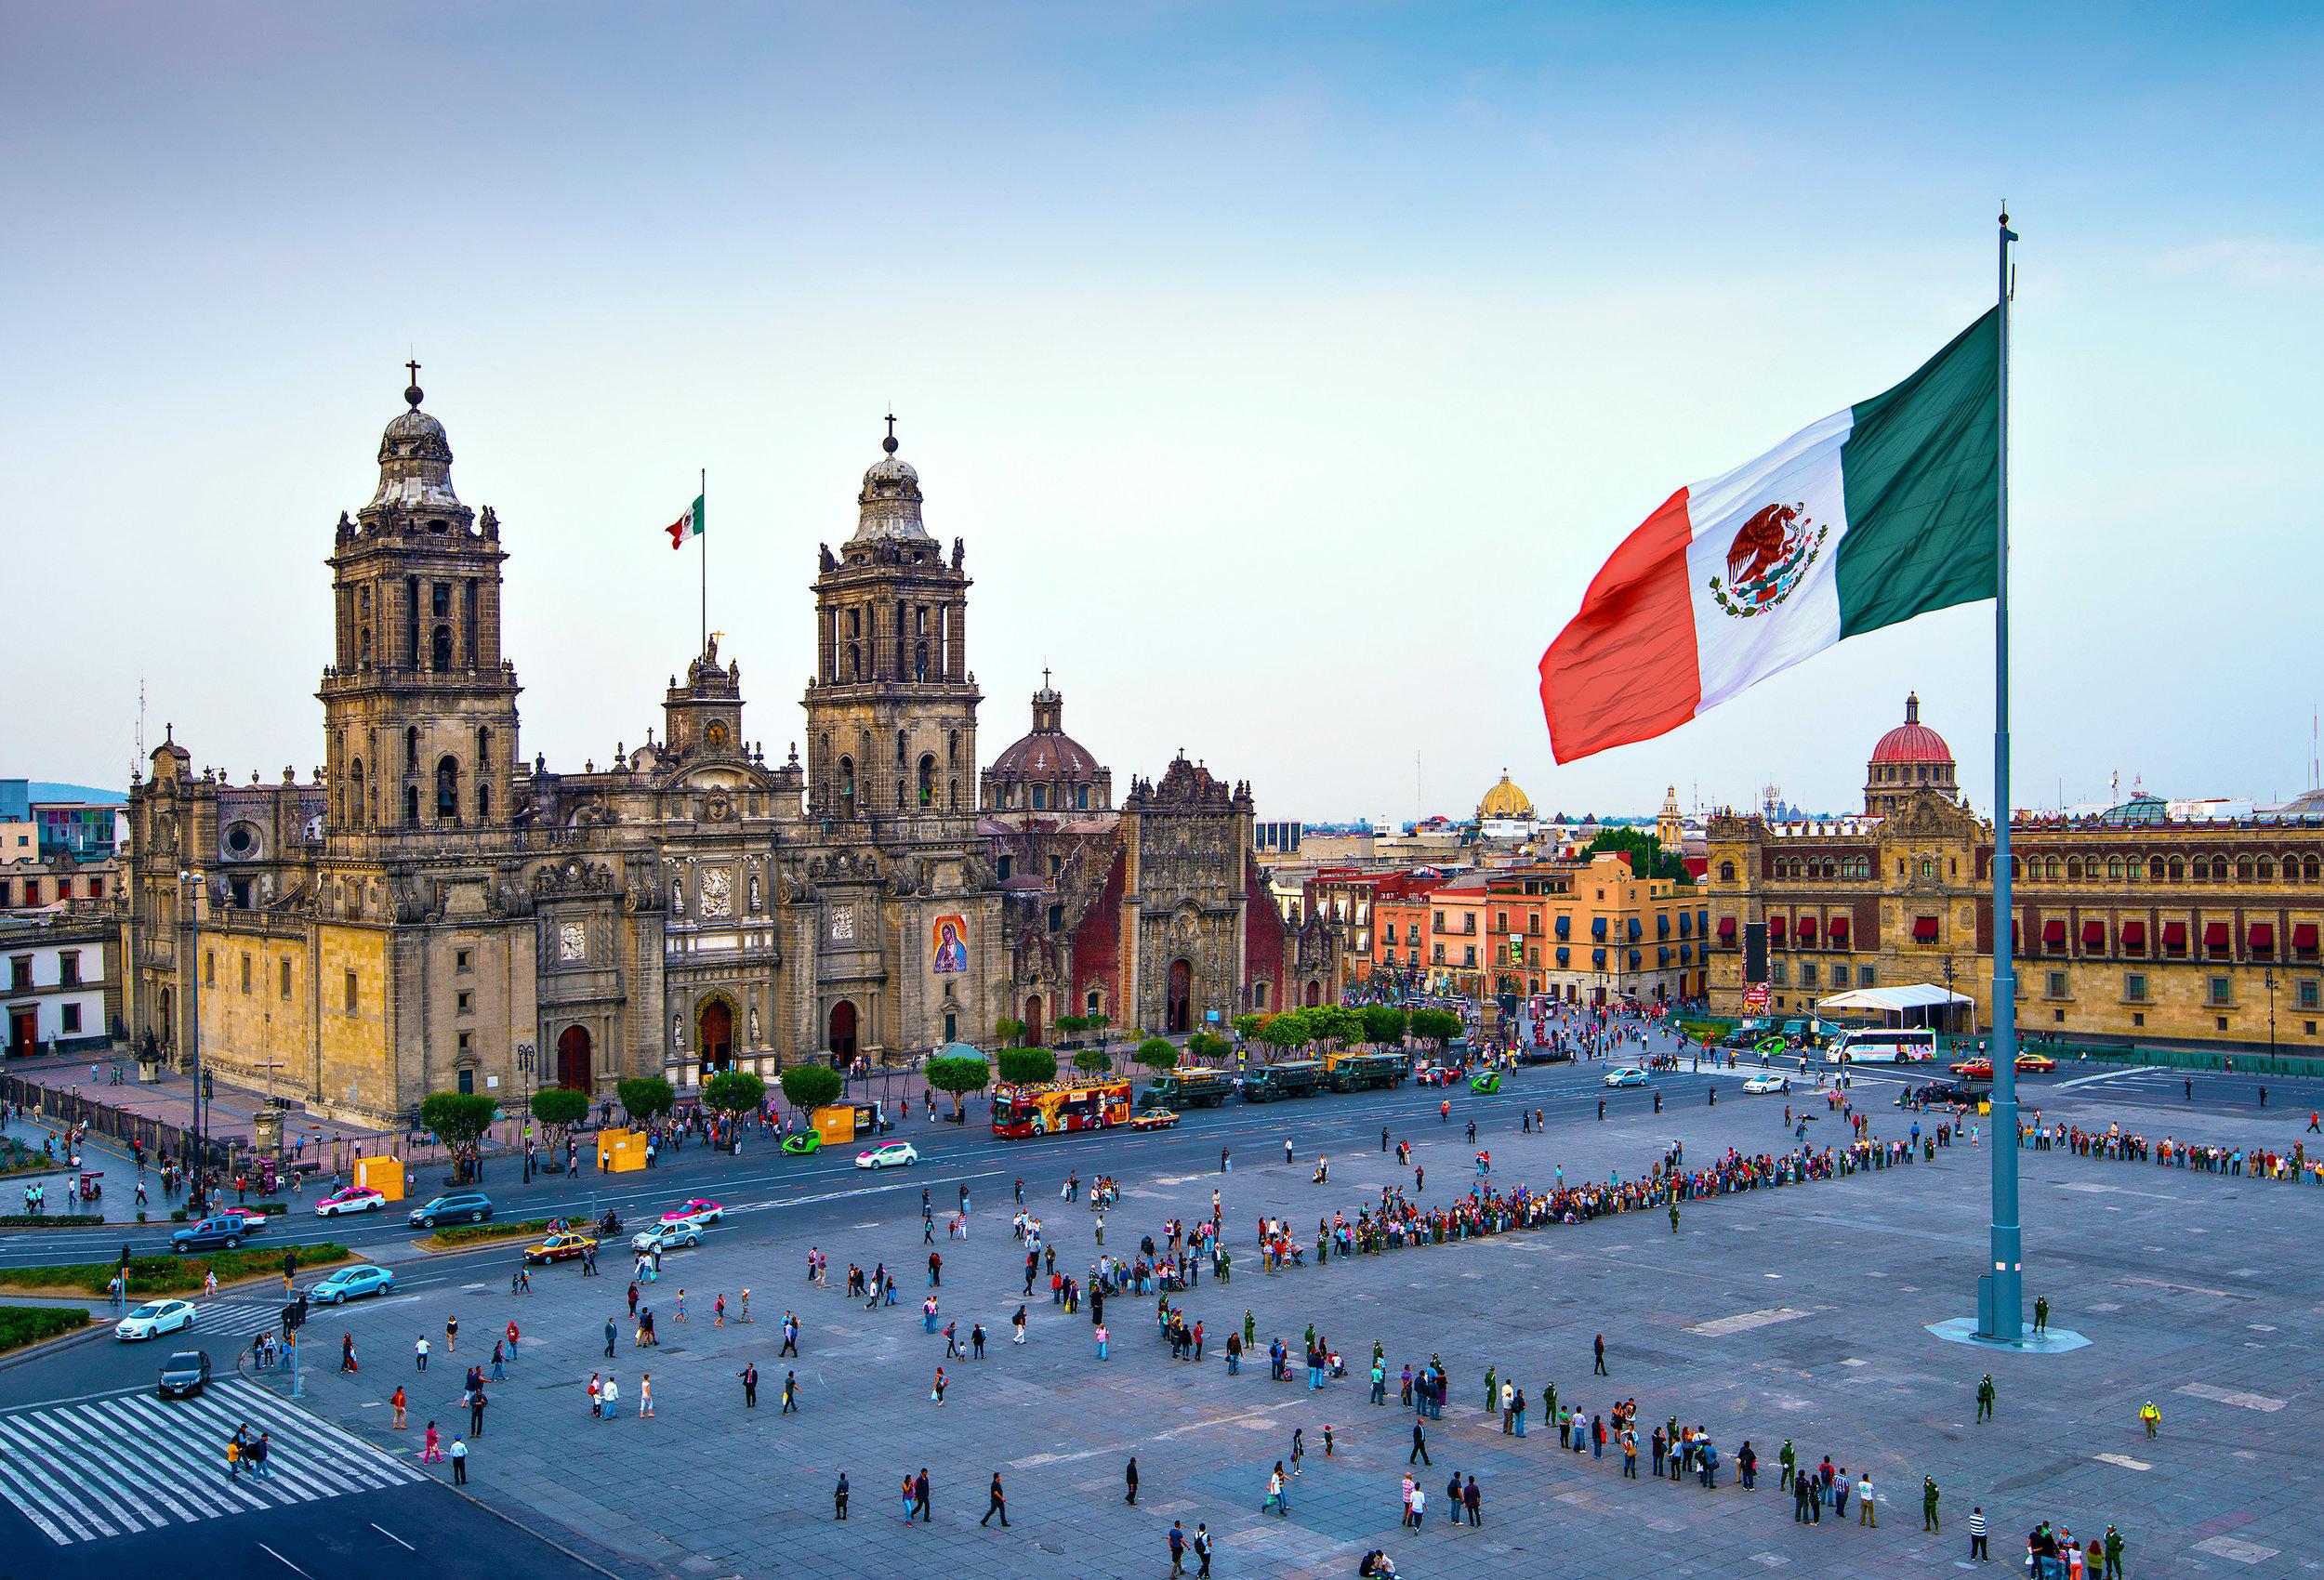 metropolitan-cathedral-zocalo-mexico-city-1.jpg